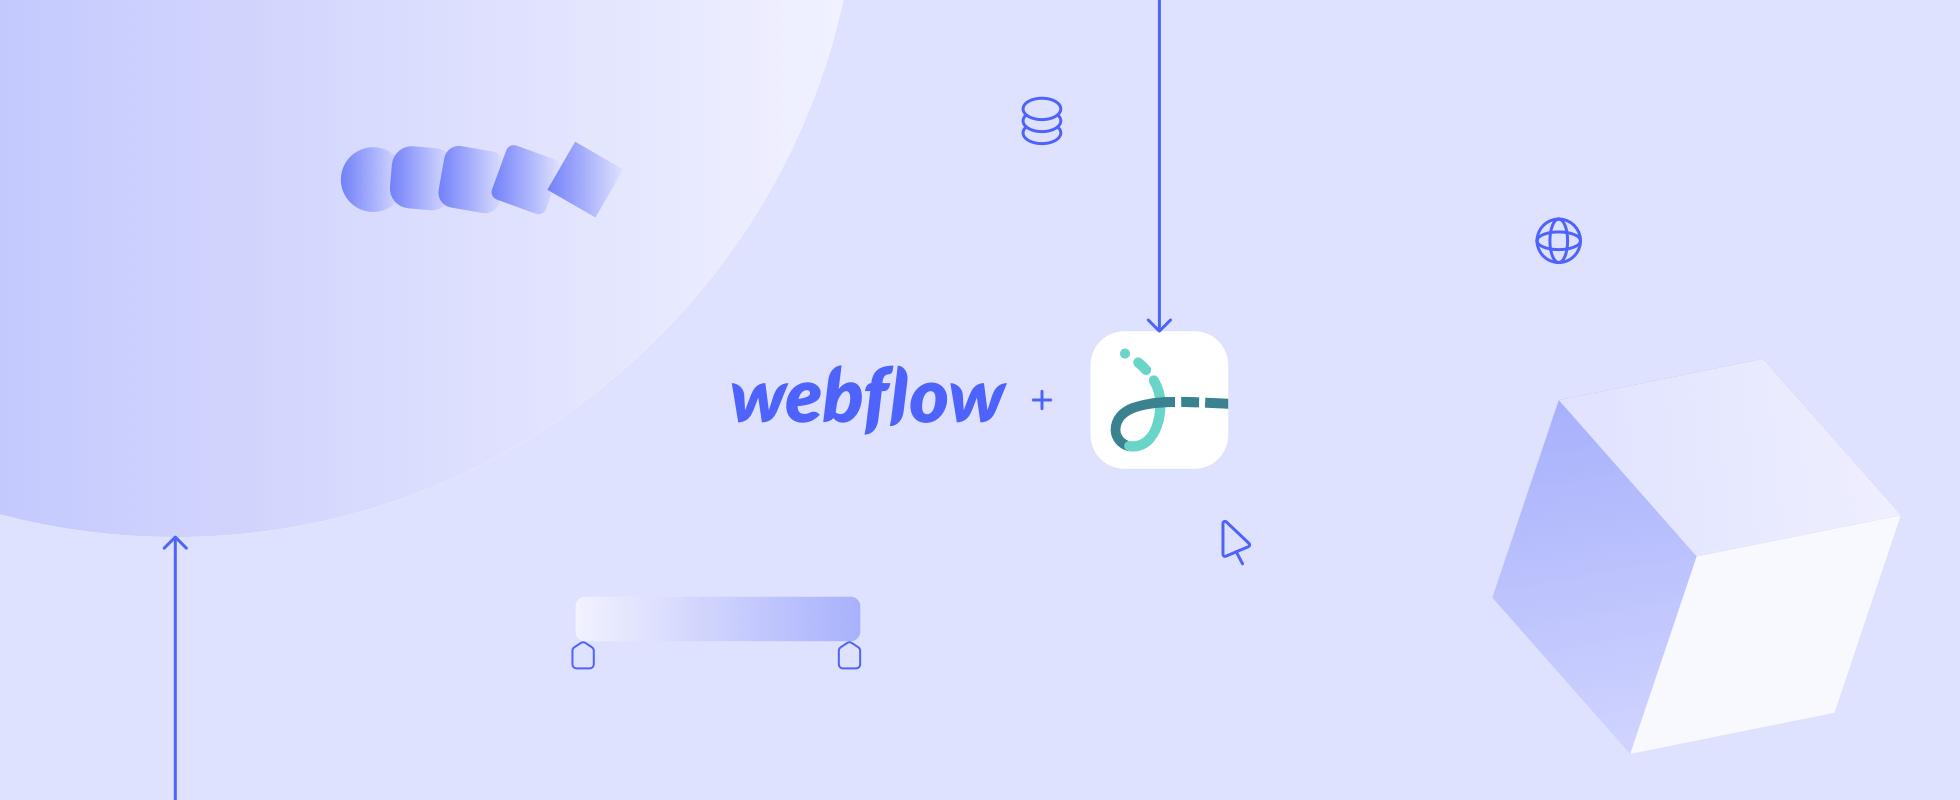 How to Use Lottie on Webflow